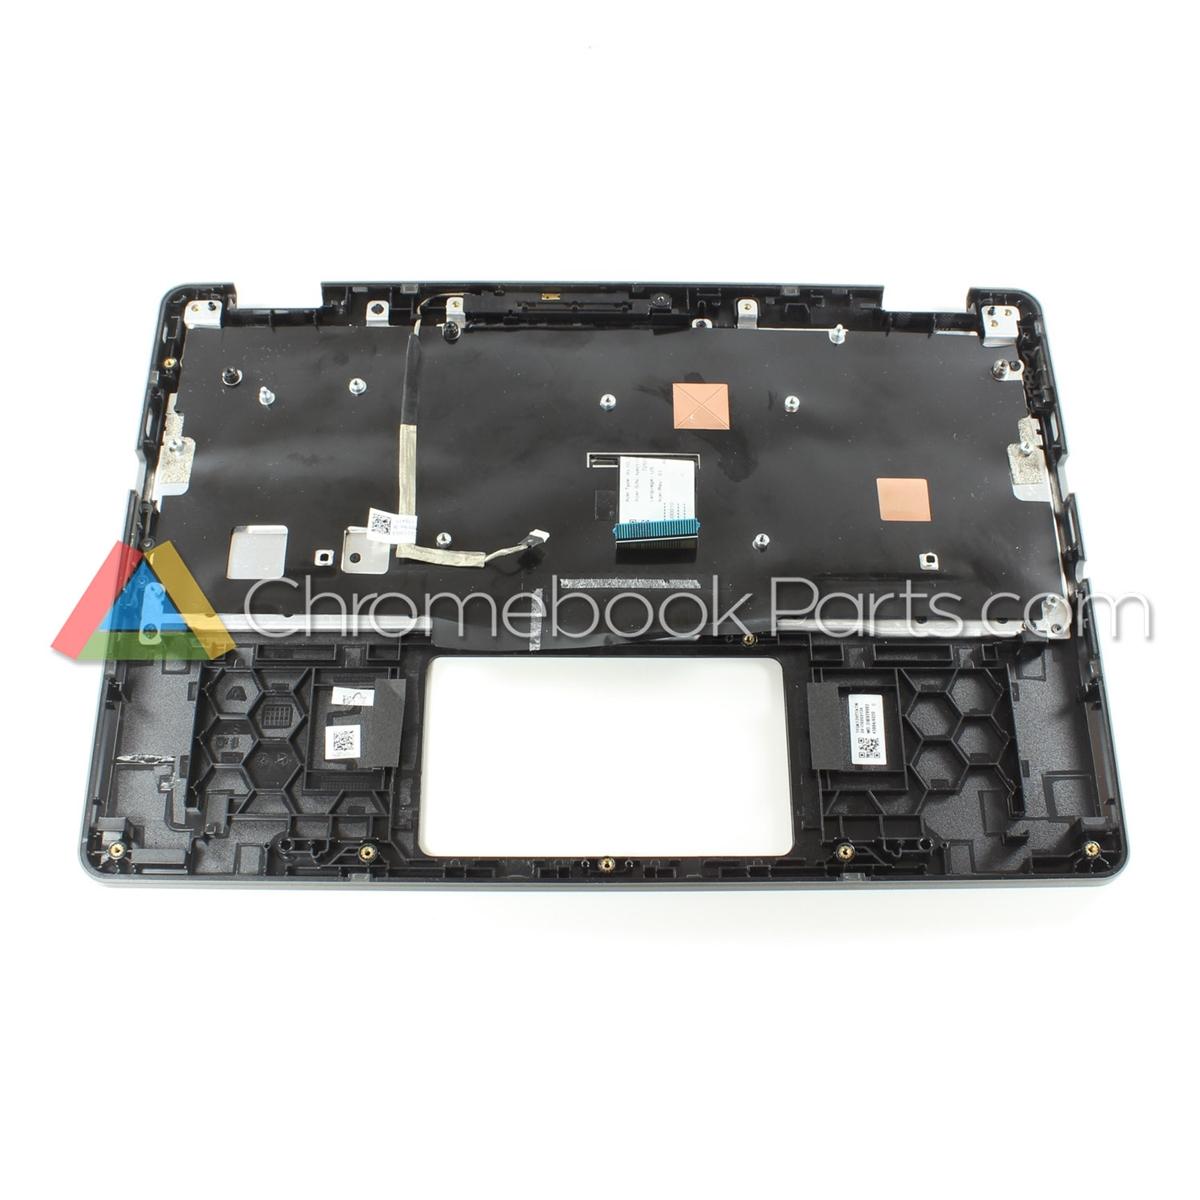 Acer Upper Case Palmrest Keyboard Assembly 6B.GA1N7.028